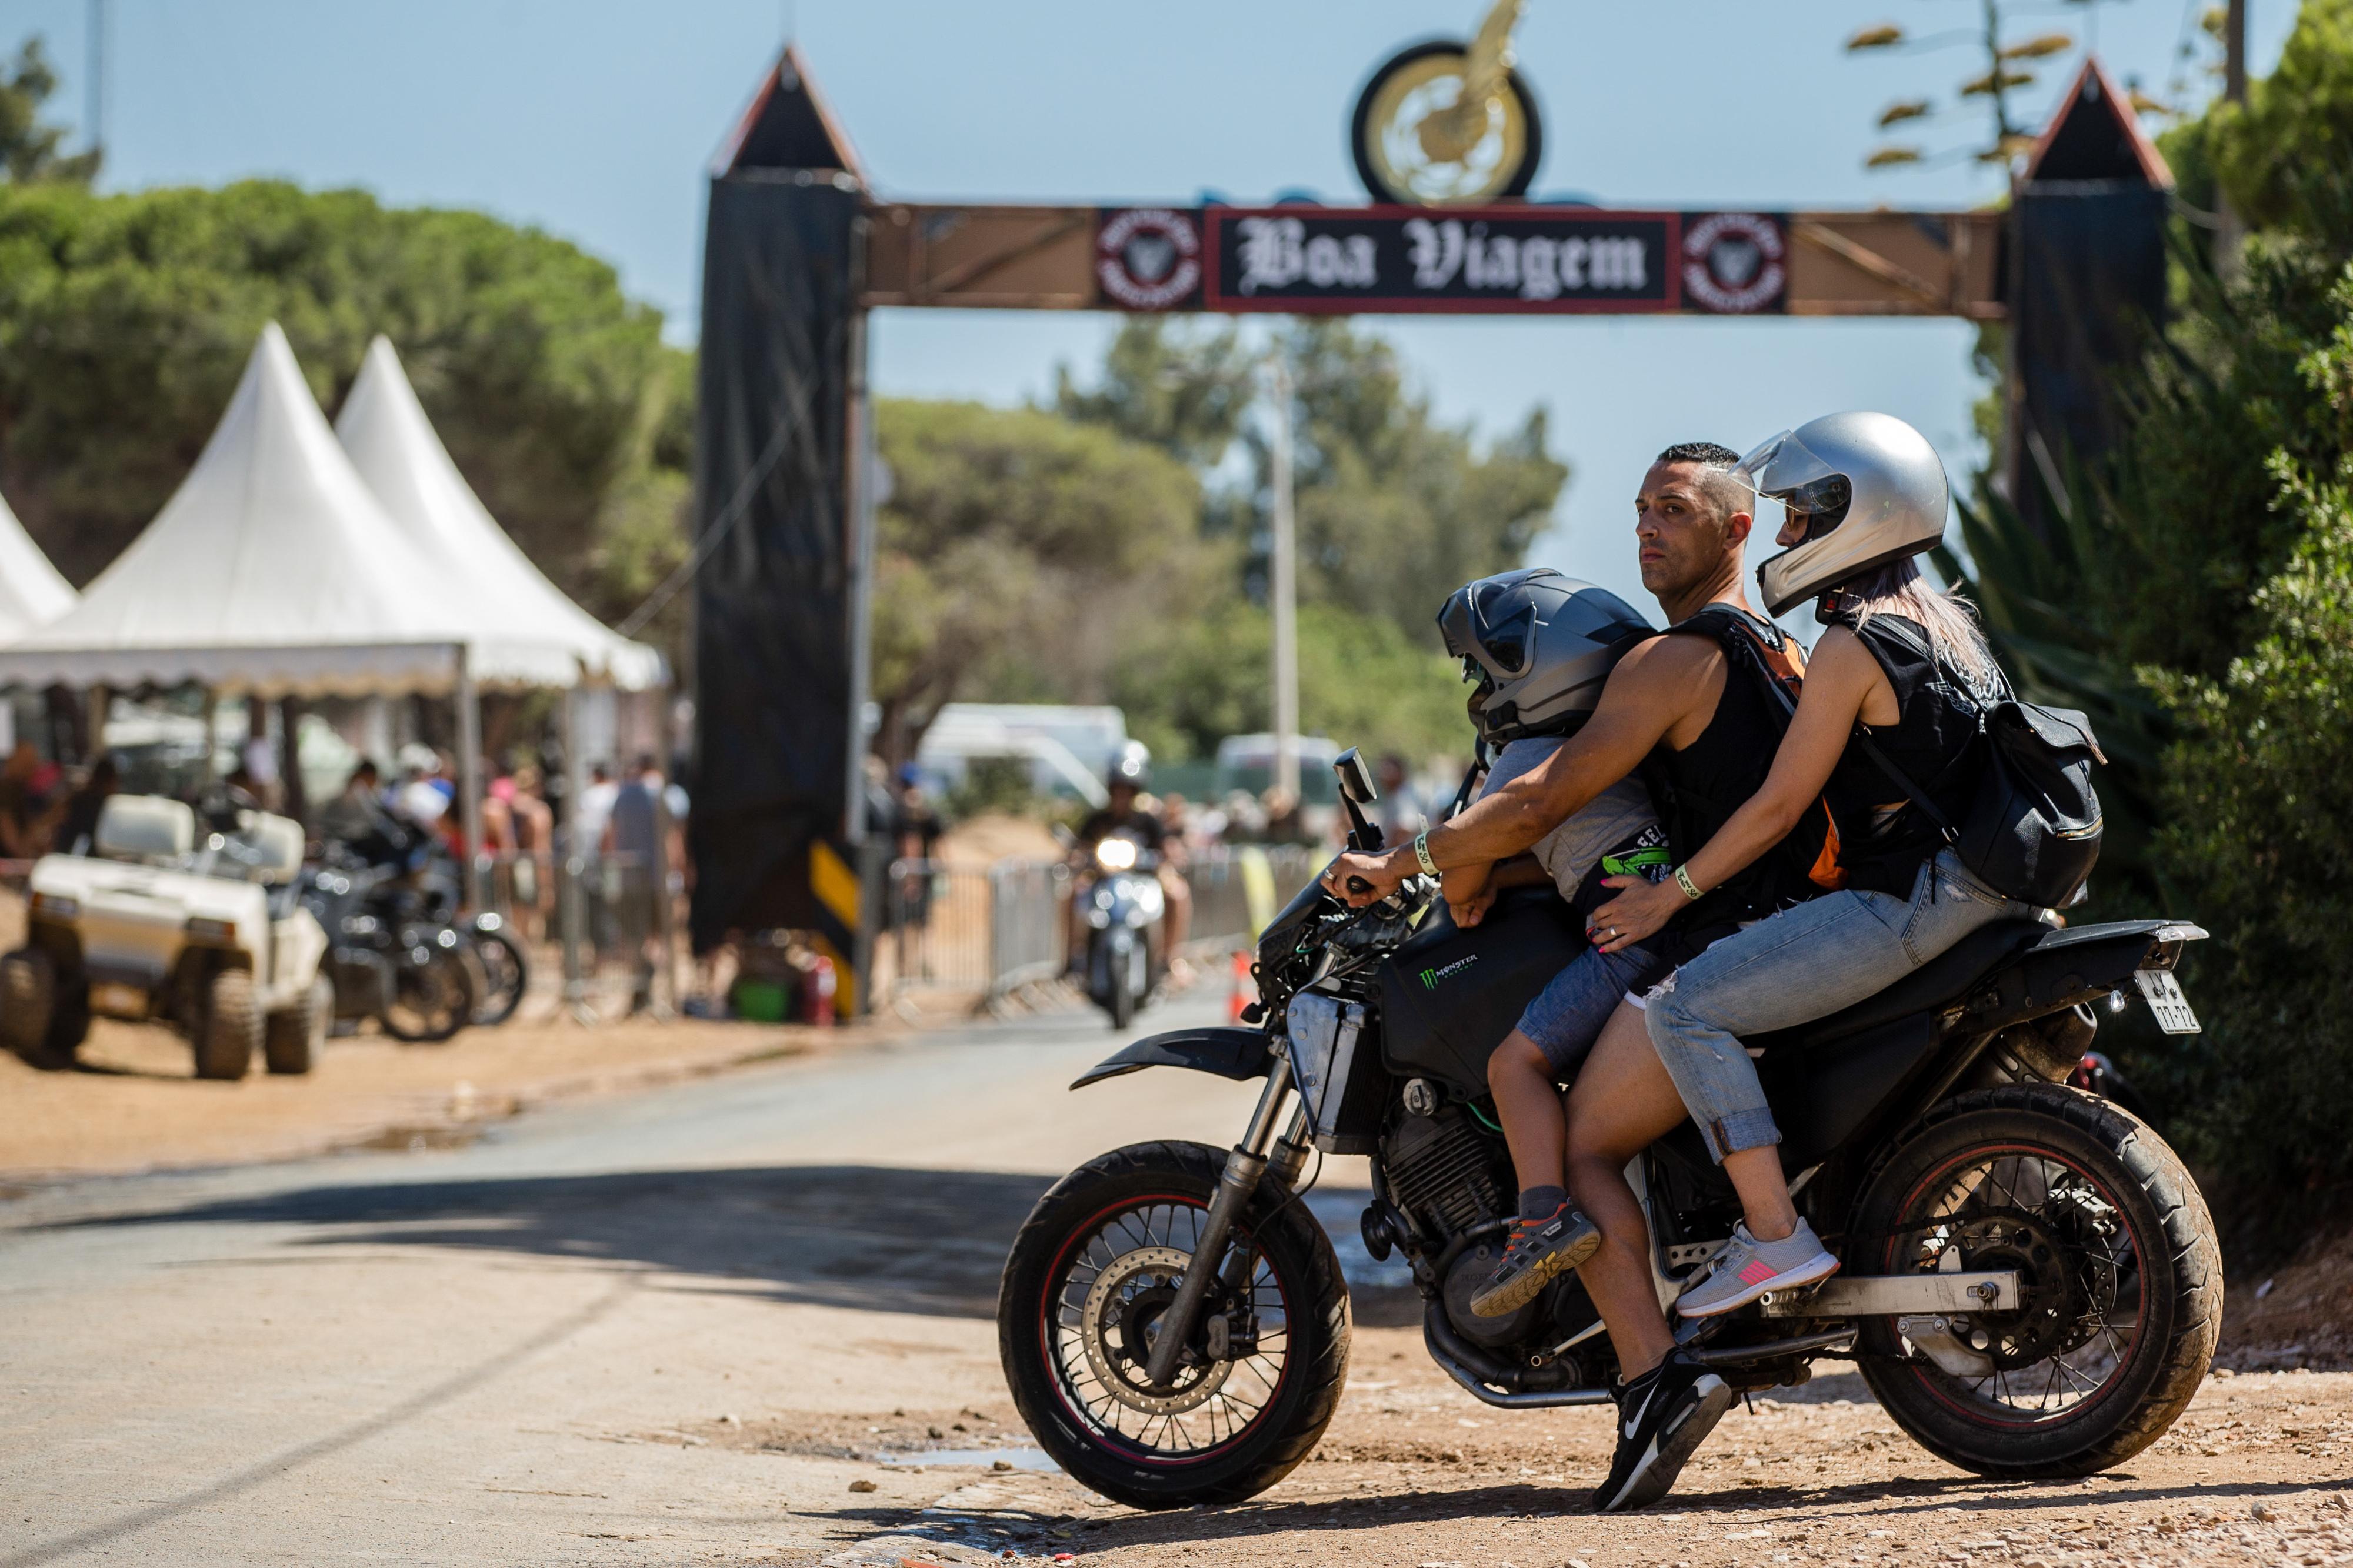 """Milhares de """"motards"""" despedem-se de Faro em tradicional desfile pela cidade. Veja as fotos"""